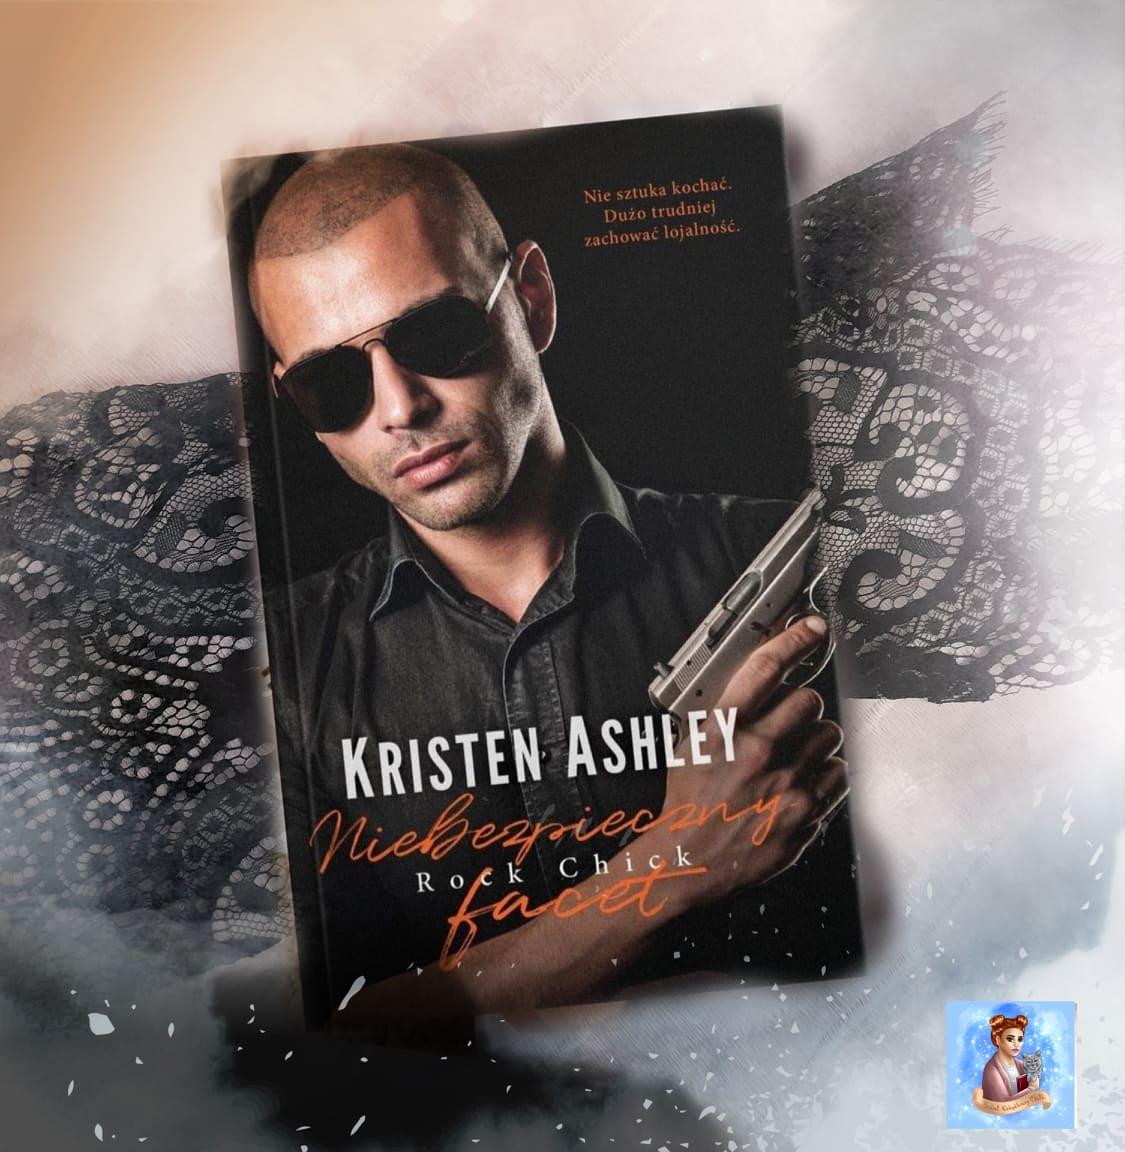 Kristen Ashley - Niebezpieczny facet - Wydawnictwo Akurat - Recenzja